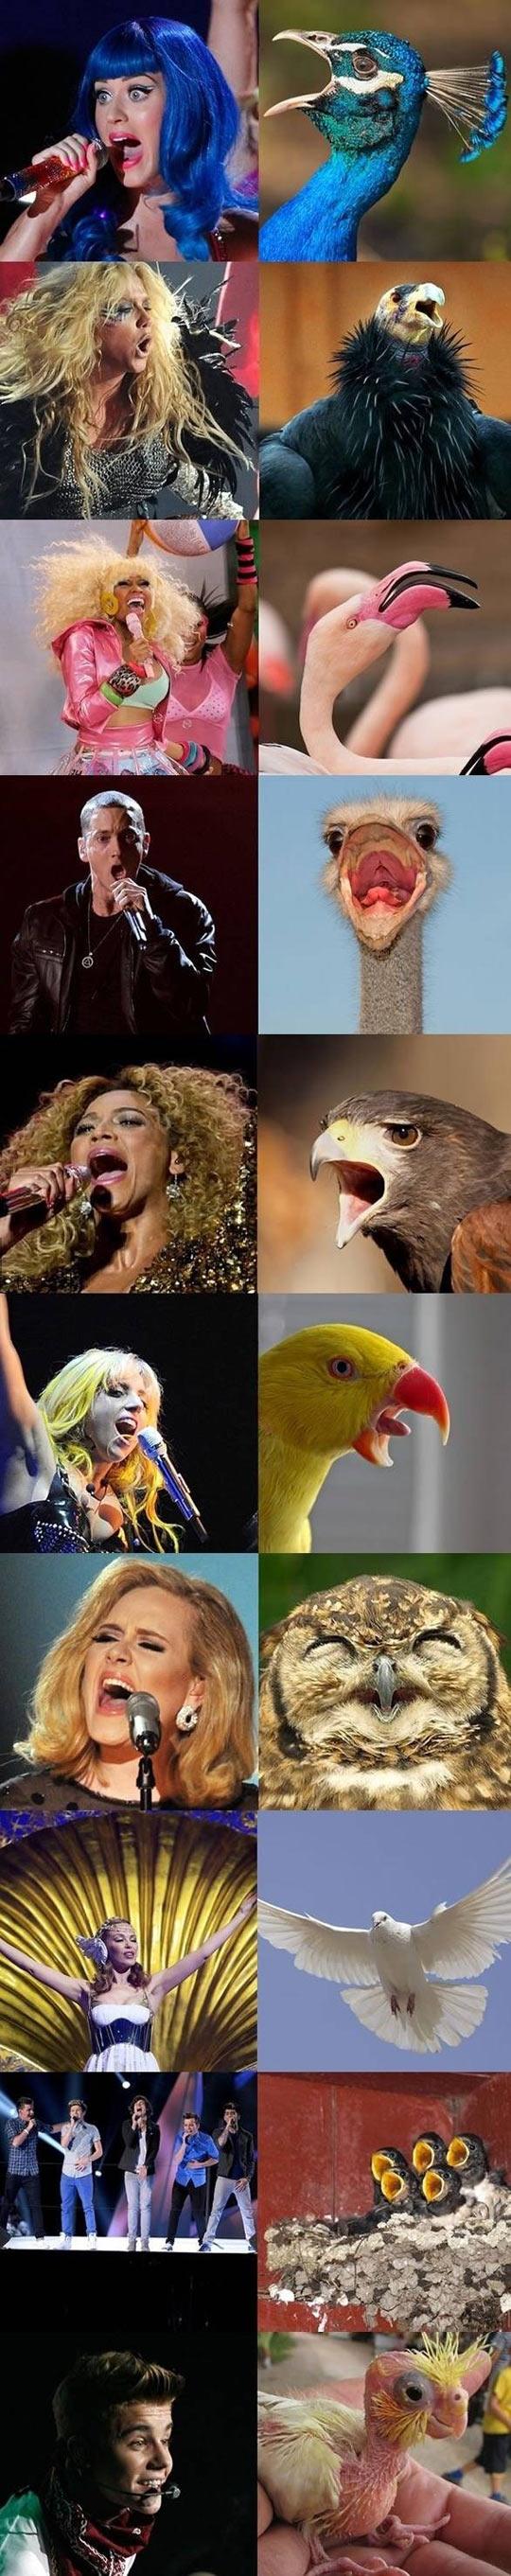 funny-Popstars-singers-birds-Eminem-Justin-bieber